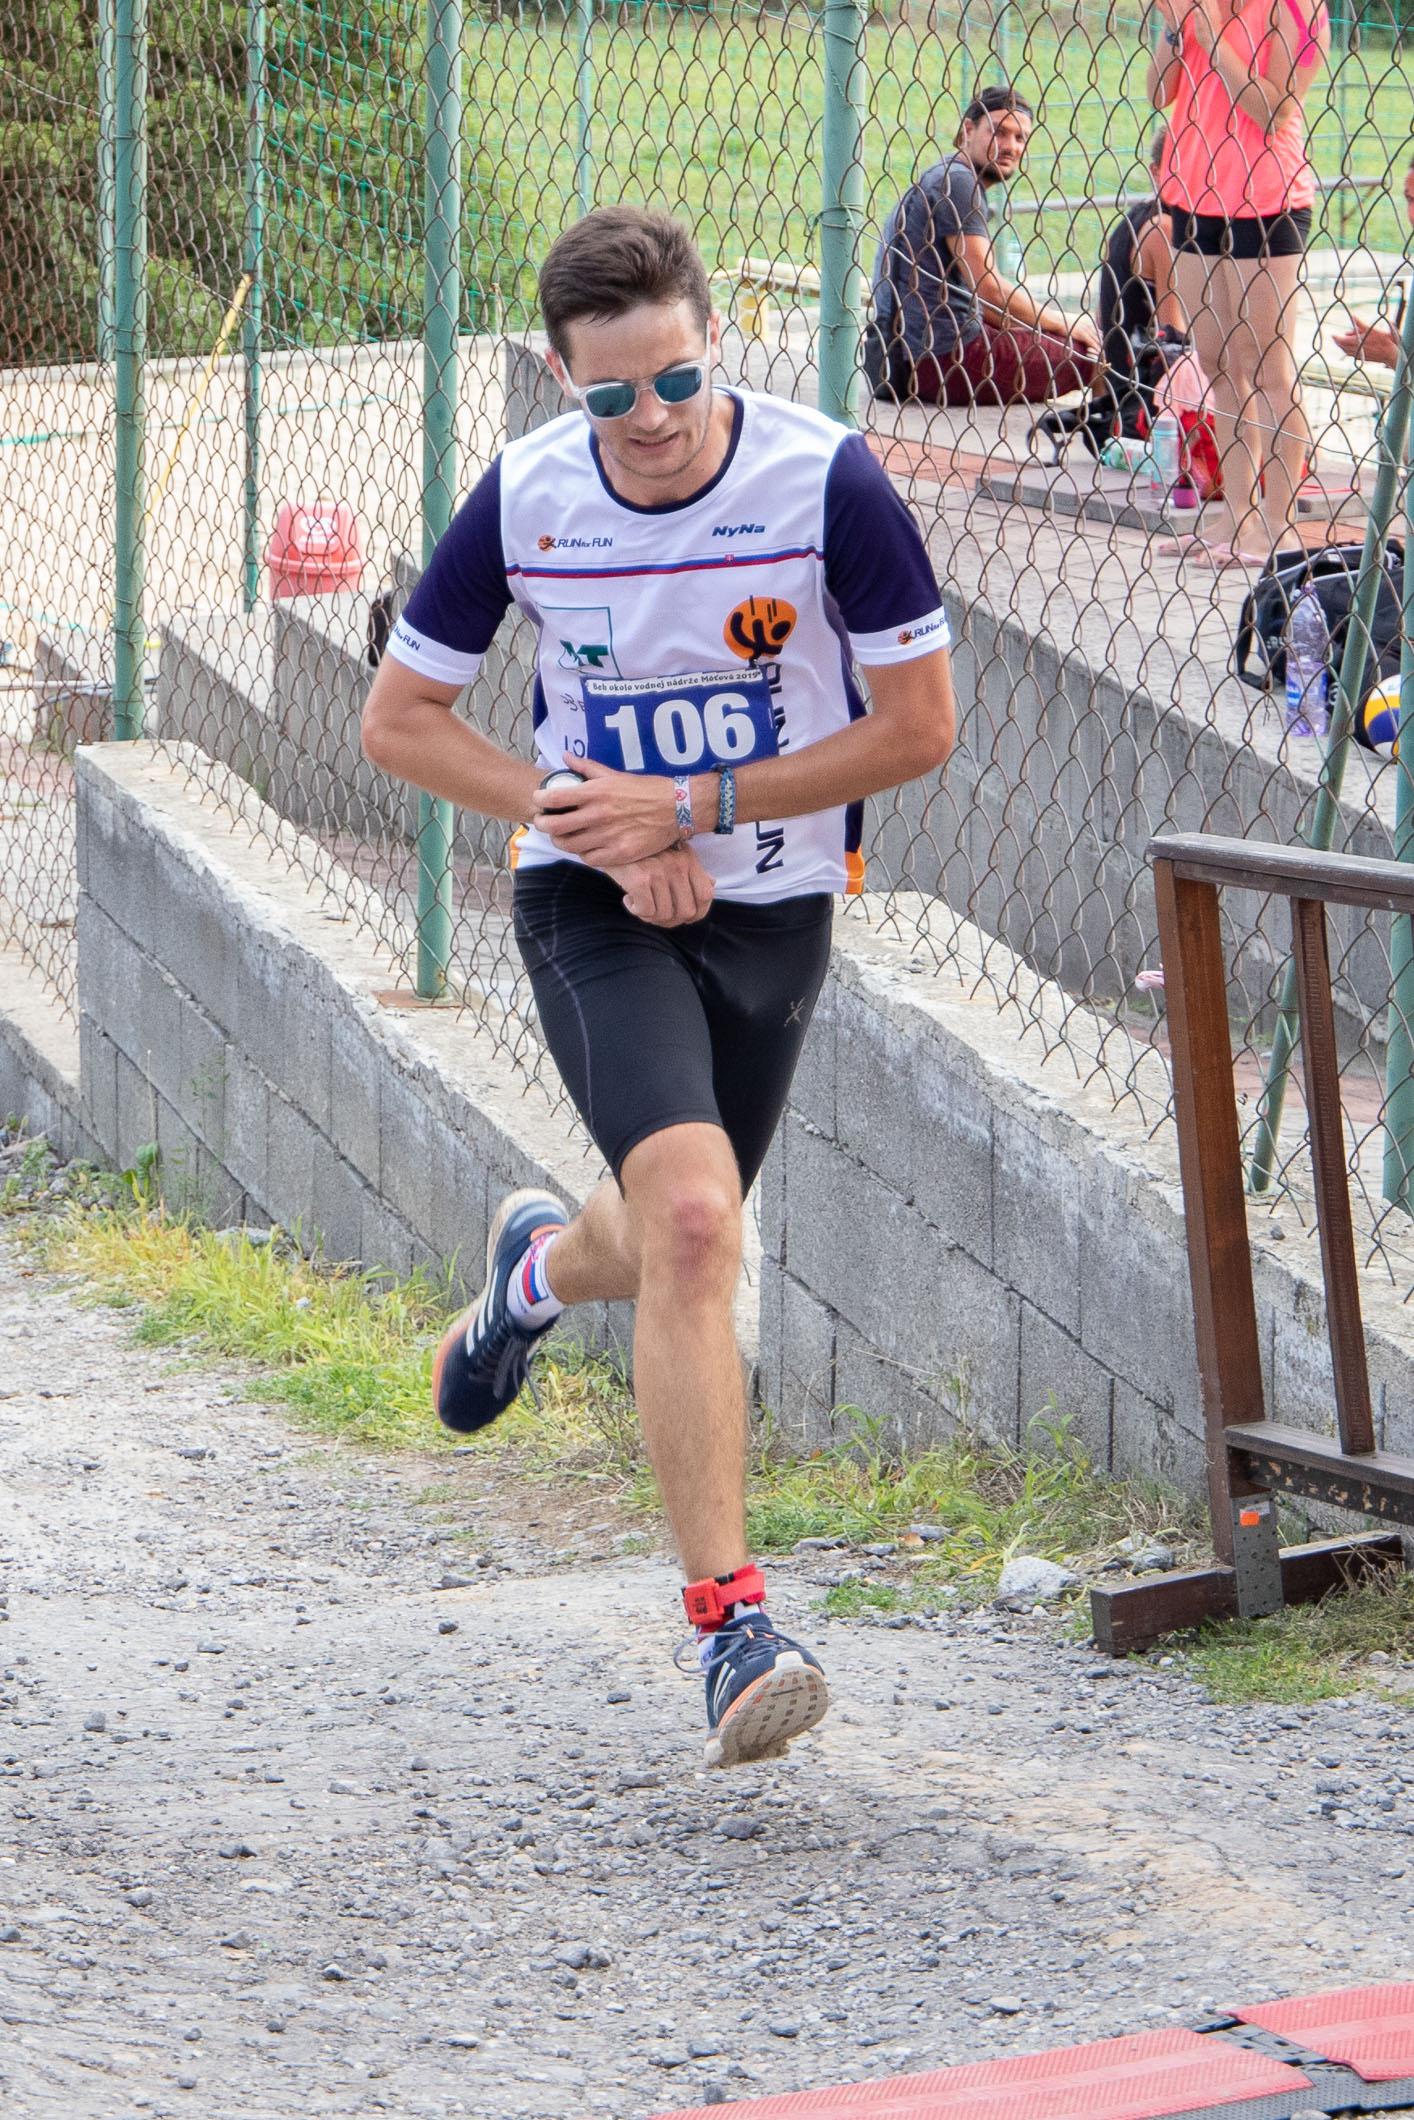 Matej Schieber